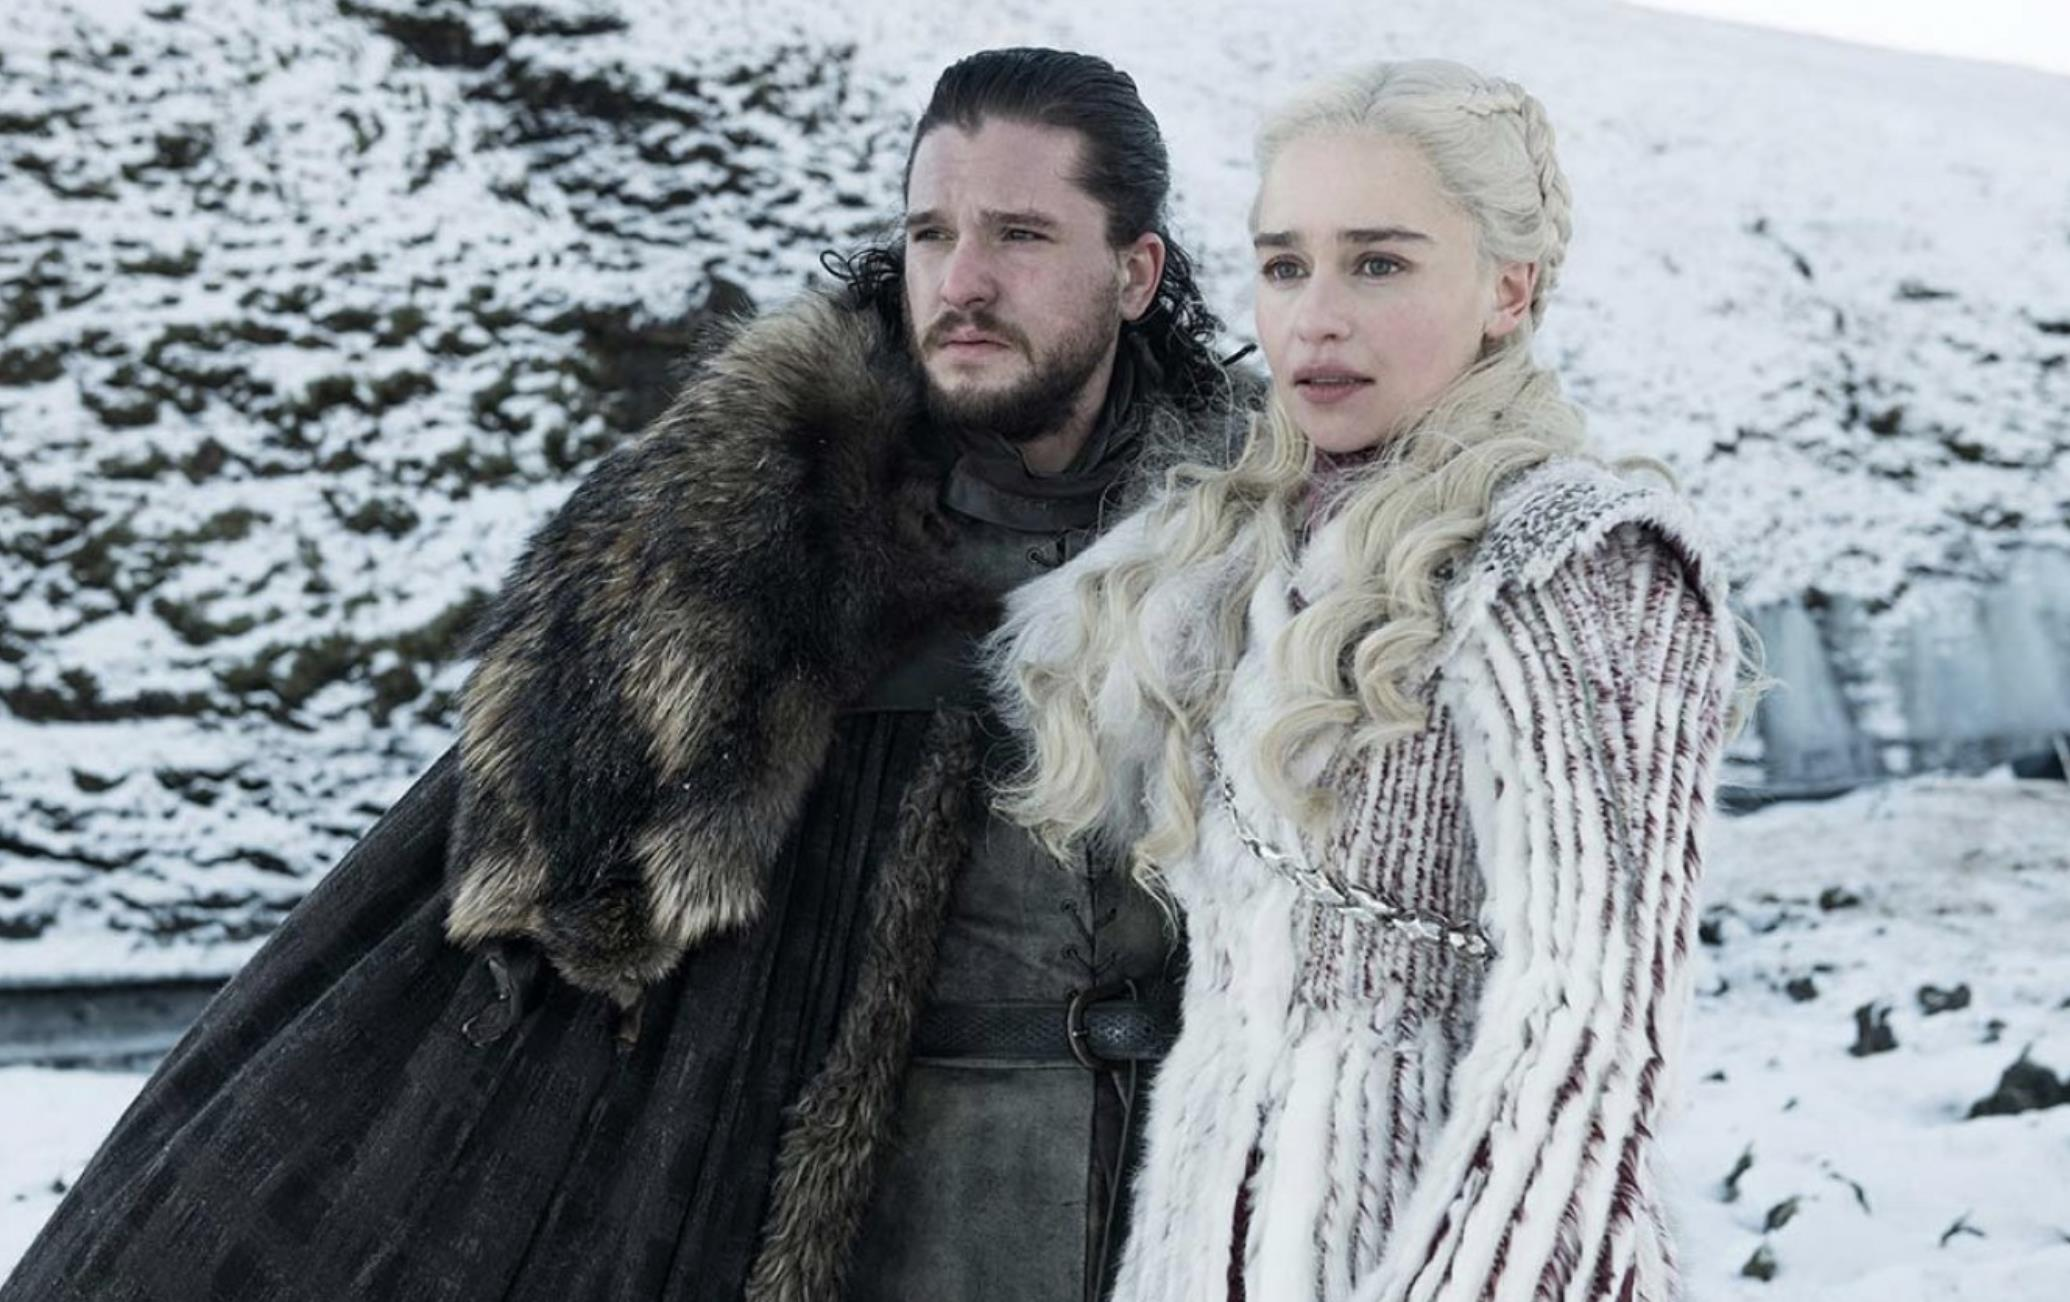 Série animada ambientada no universo de Game of Thrones está em desenvolvimento no HBO Max